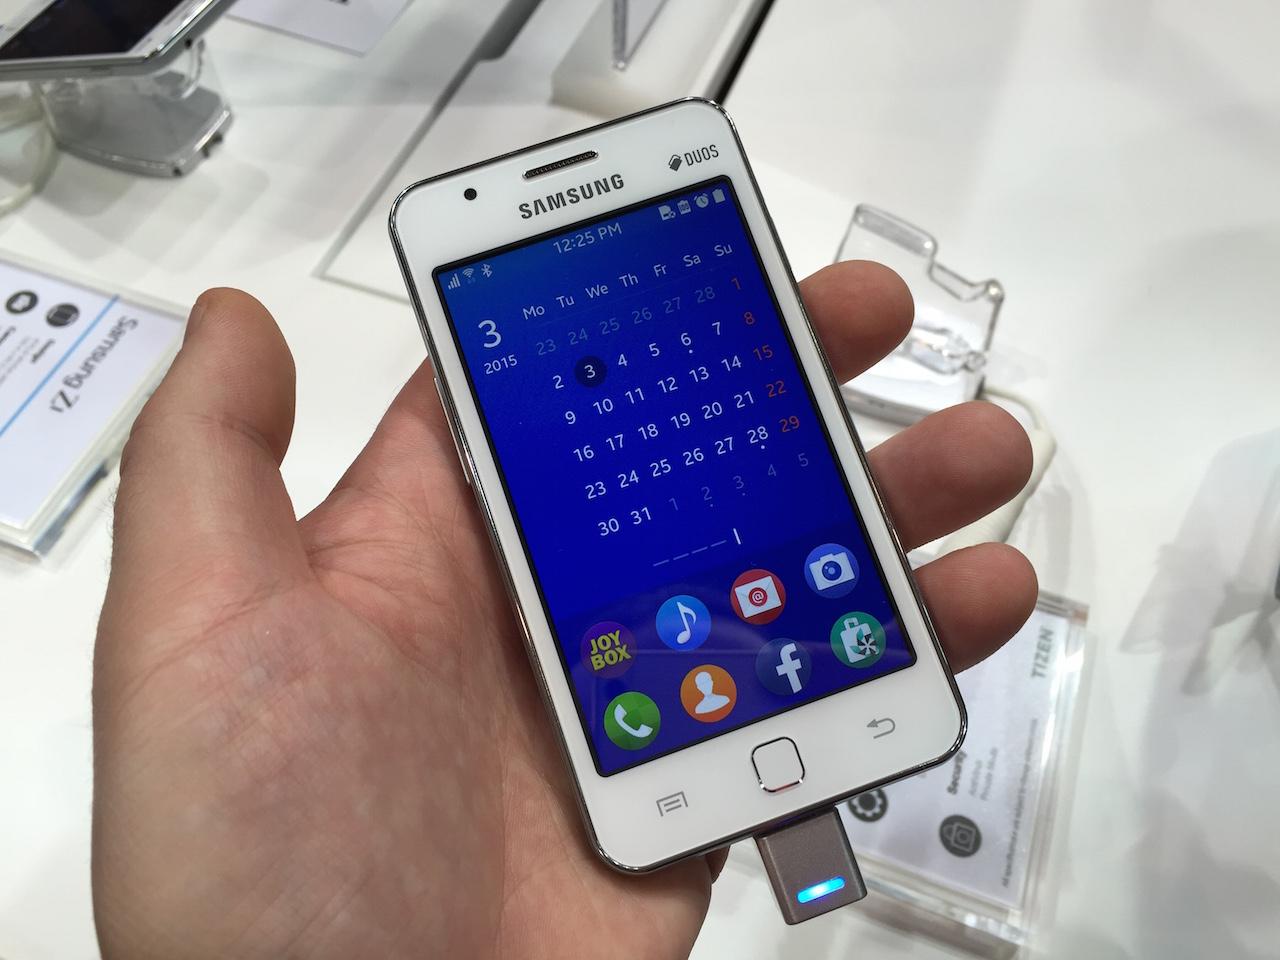 Samsung Z1 w praktyce, czyli jak wygląda system Tizen na smartfonie